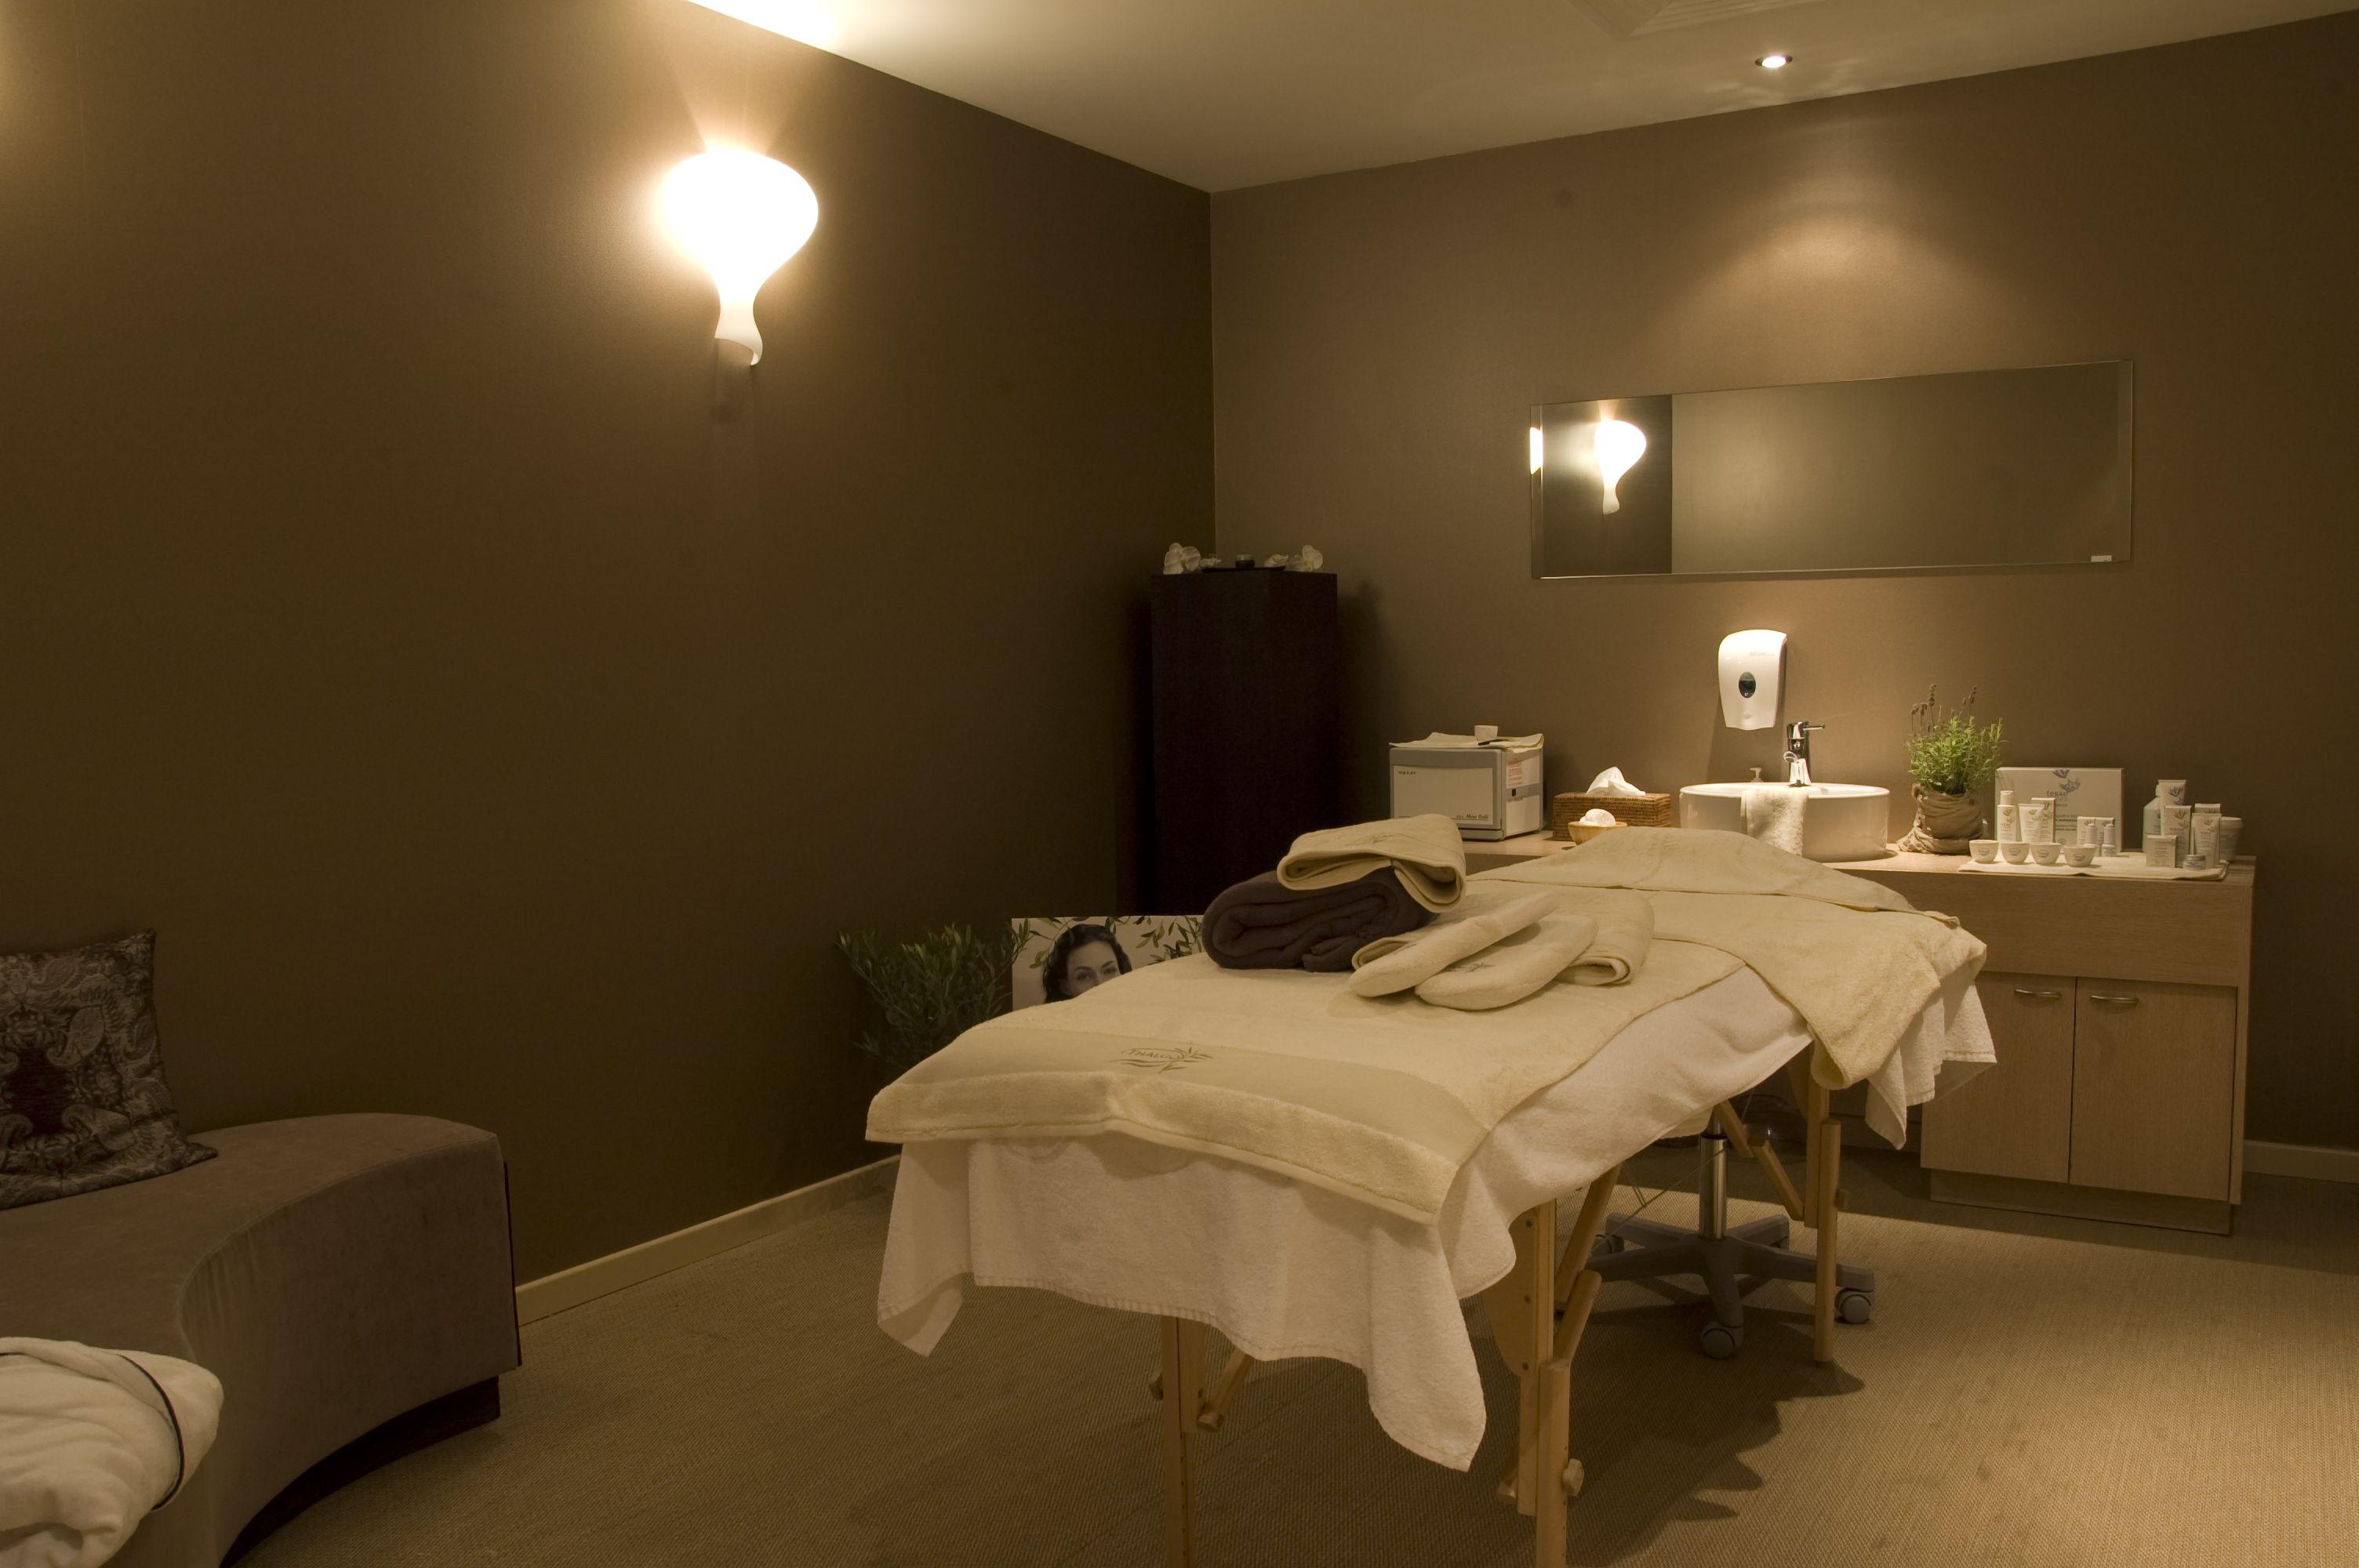 luxe schoonheidssalon inrichting. - Salon. | Pinterest - Luxe ...